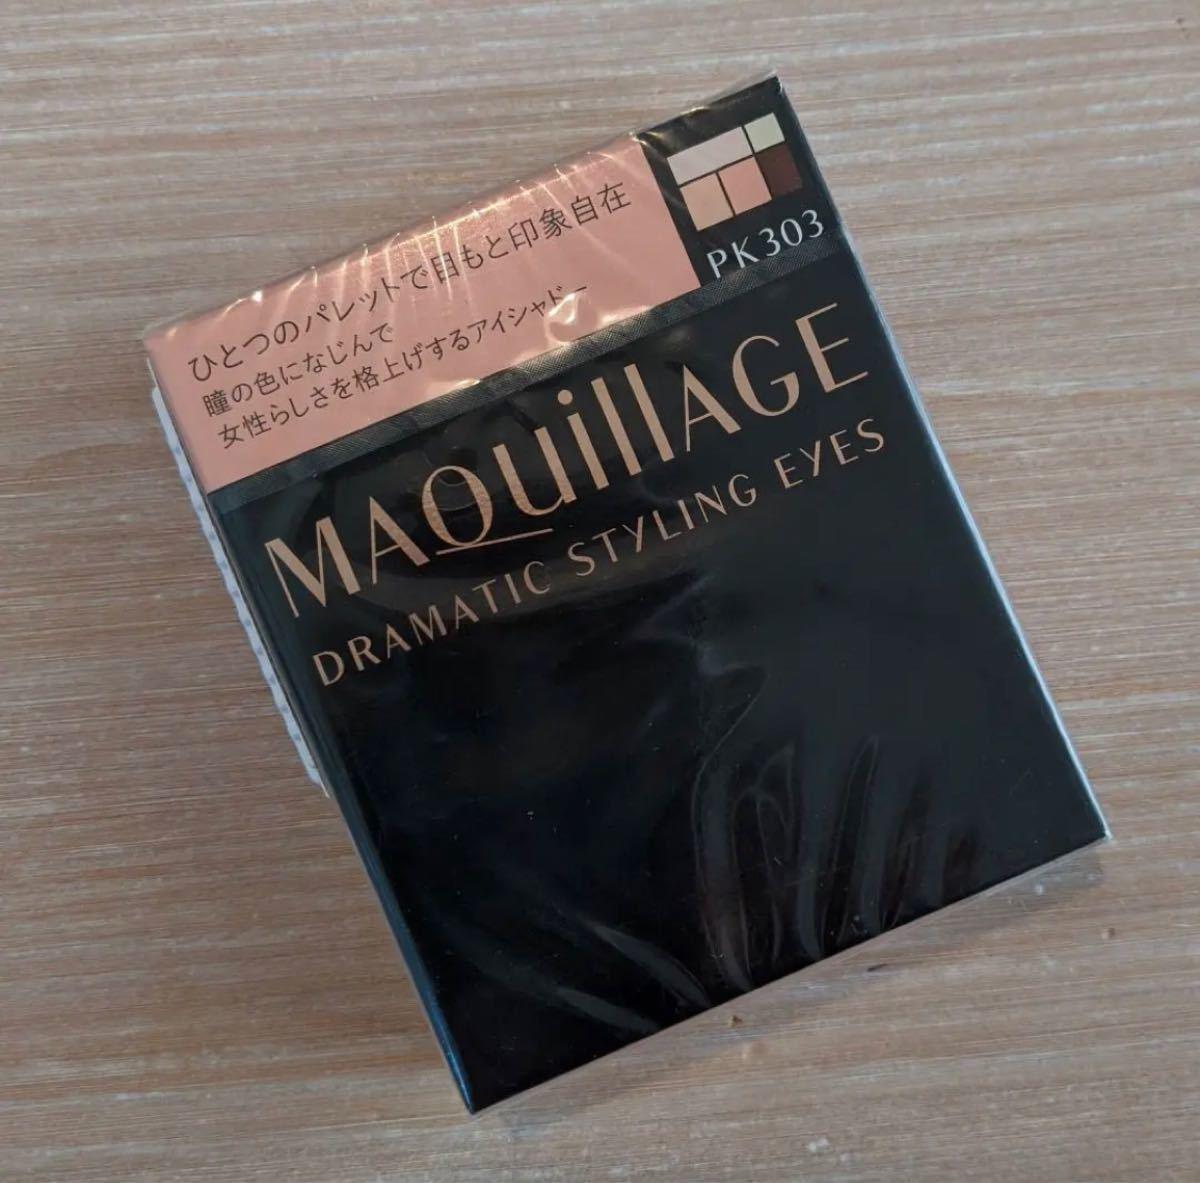 新品 資生堂マキアージュ ドラマティックスタイリングアイズPK303アイシャドウ